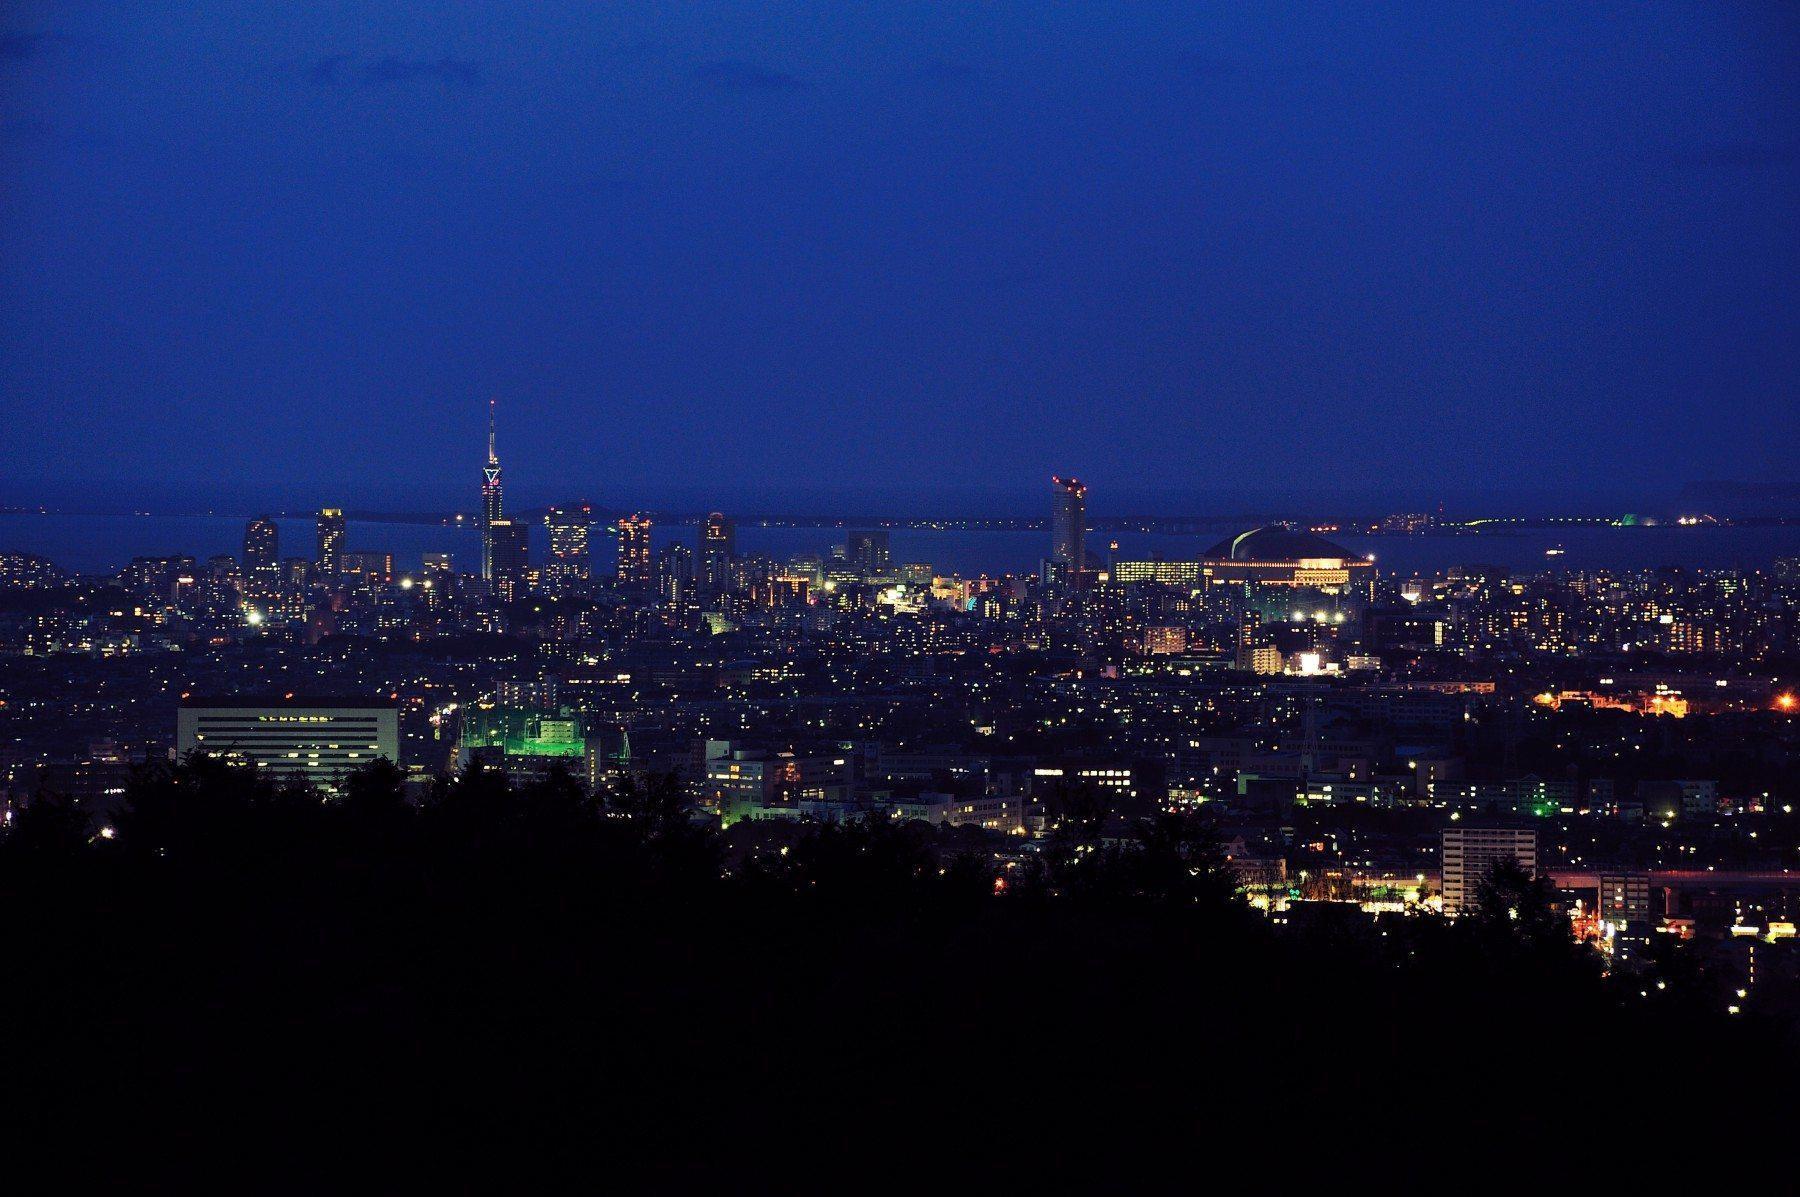 福冈市全景(2009)图片